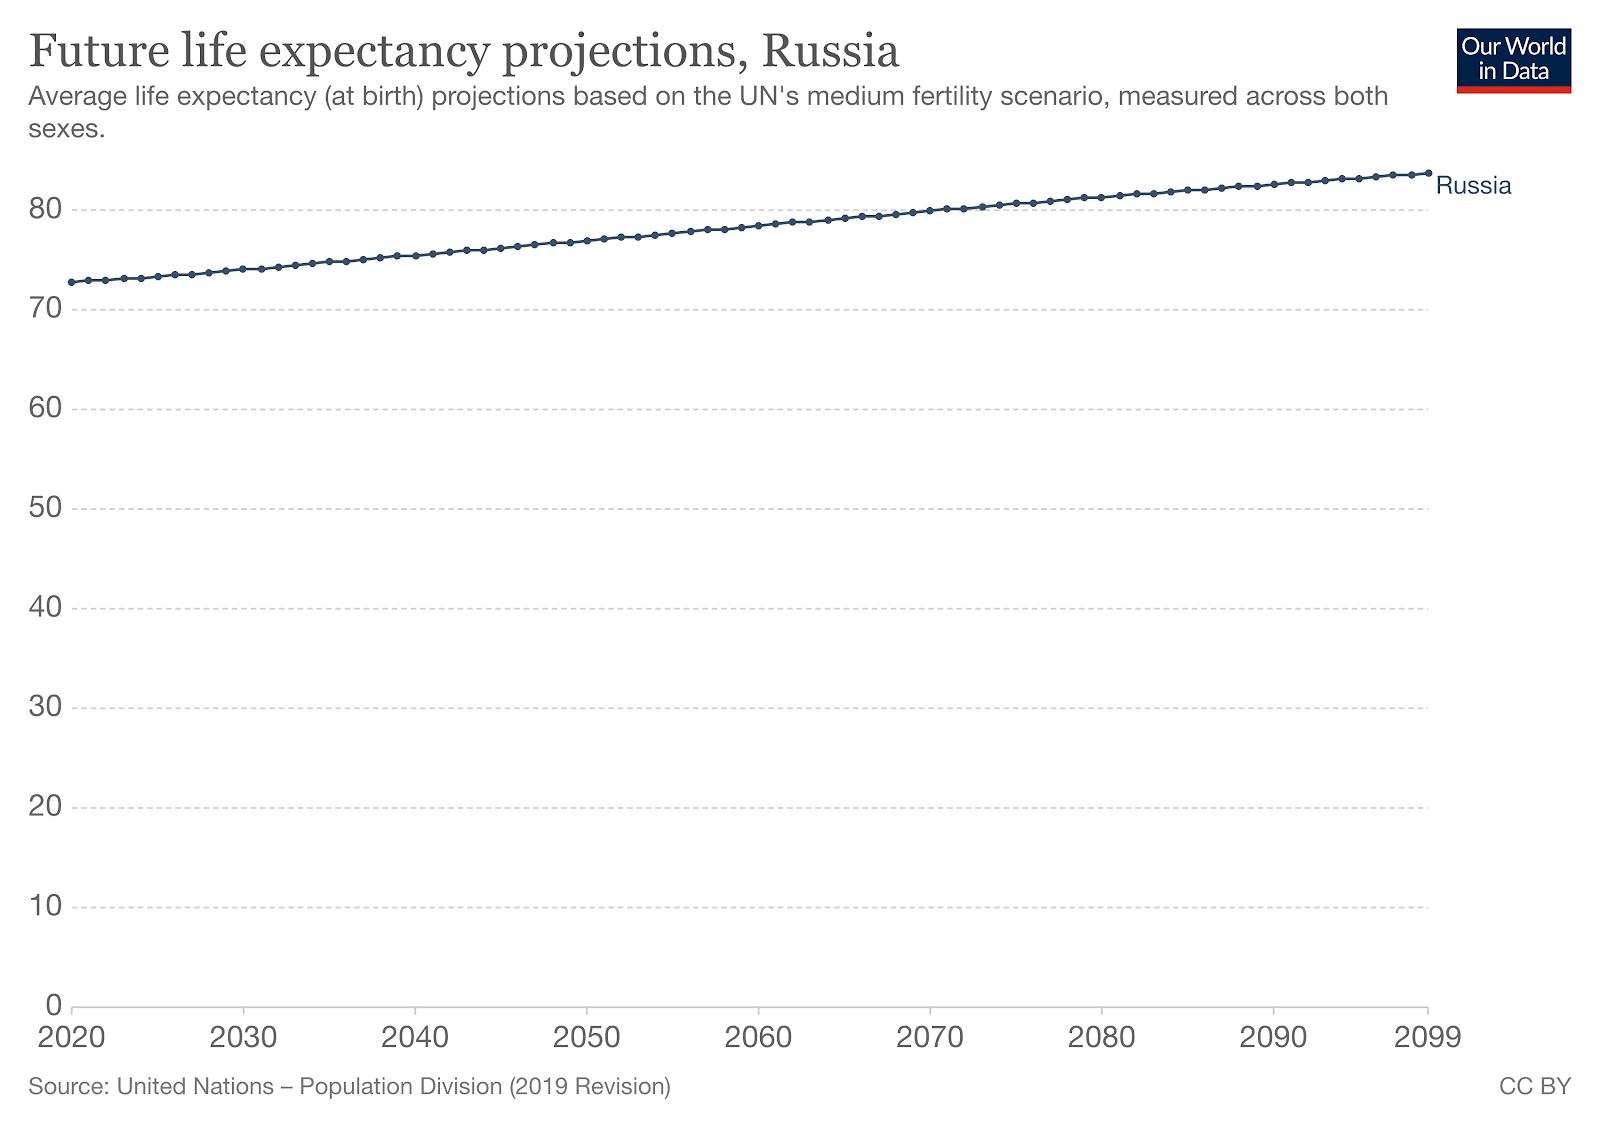 Ожидаемая средняя продолжительность жизни России по данным ООН